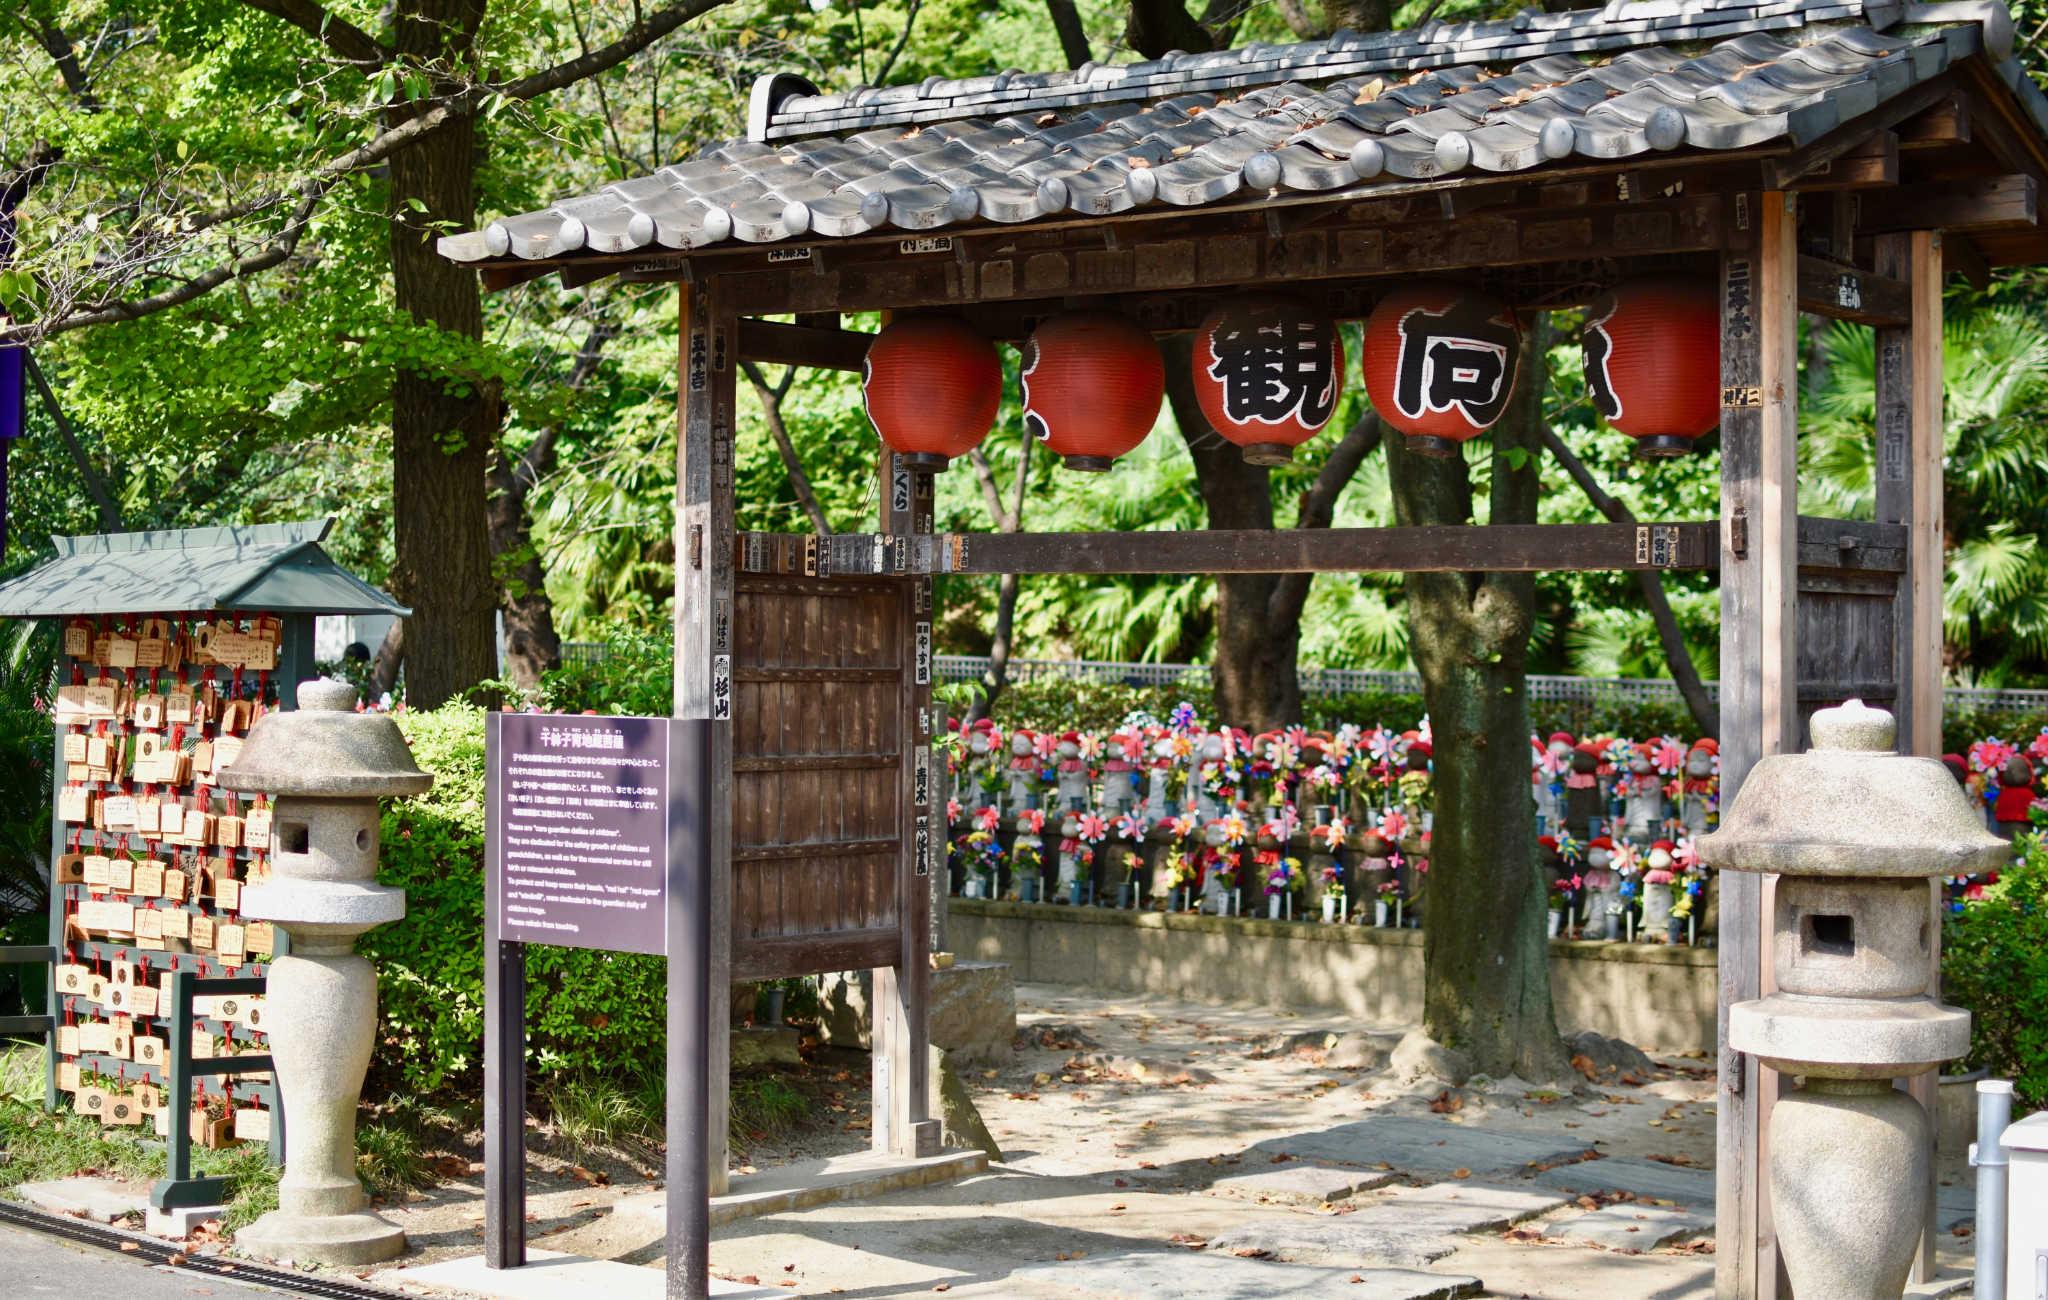 Clou de la visite, les statues Jizo